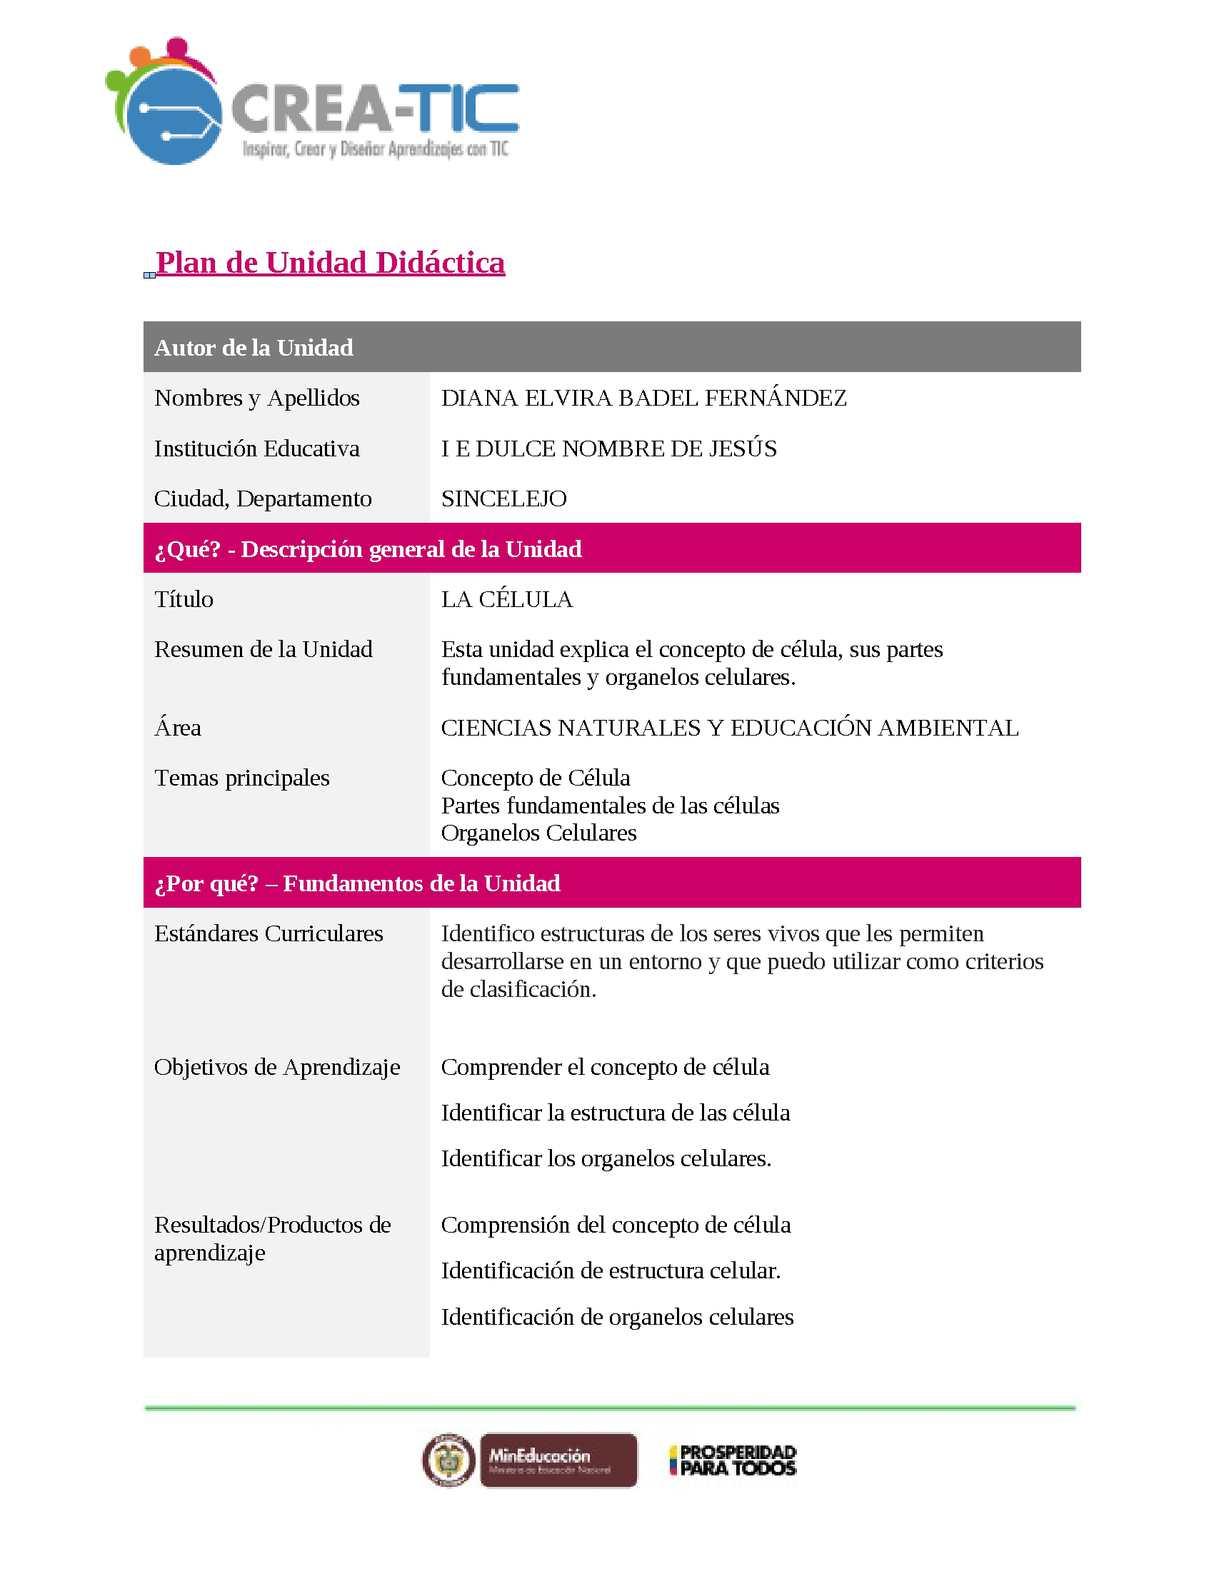 Calaméo - Plantilla Unidad Didactica Final Diana Badel